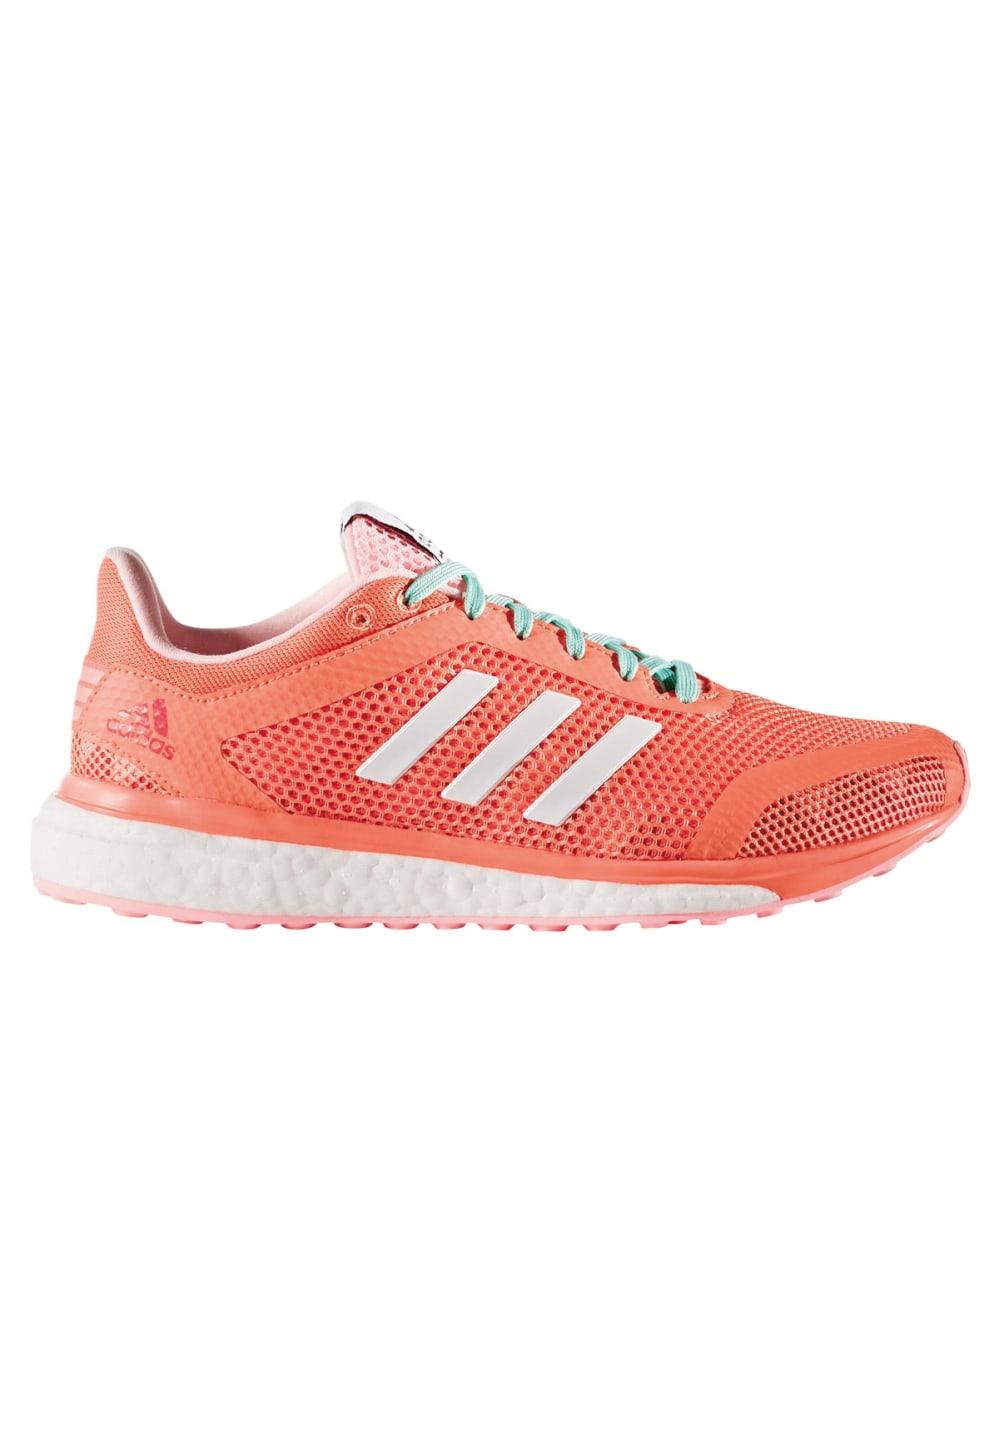 adidas Response + - Laufschuhe für Damen - Orange